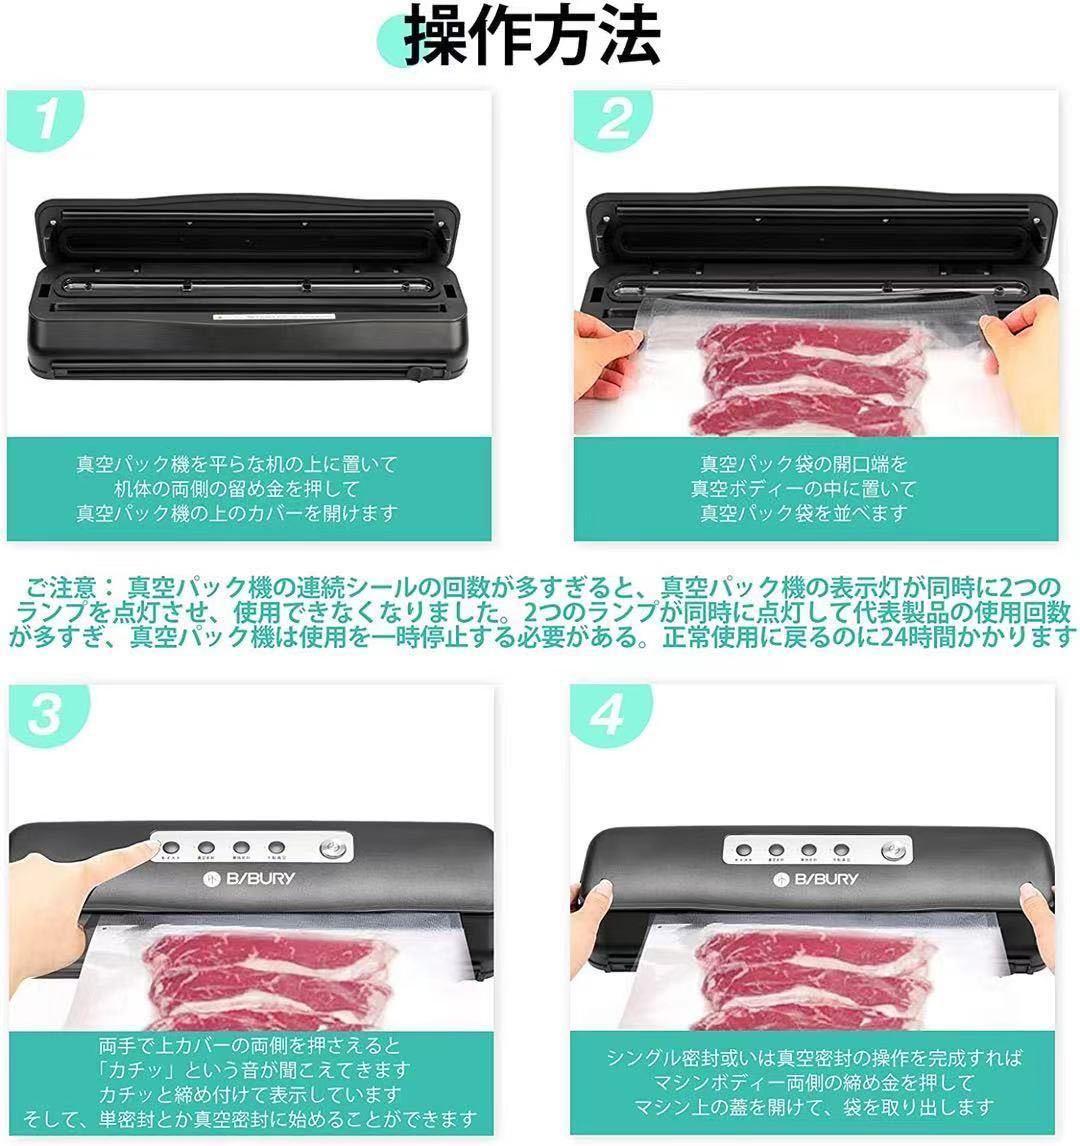 真空パック 真空パック器 フードシーラー フードセーバー フードパック 鮮度長持ち 食材保管 密封 日本語説明書付き 業務用 真空包装機1_画像5